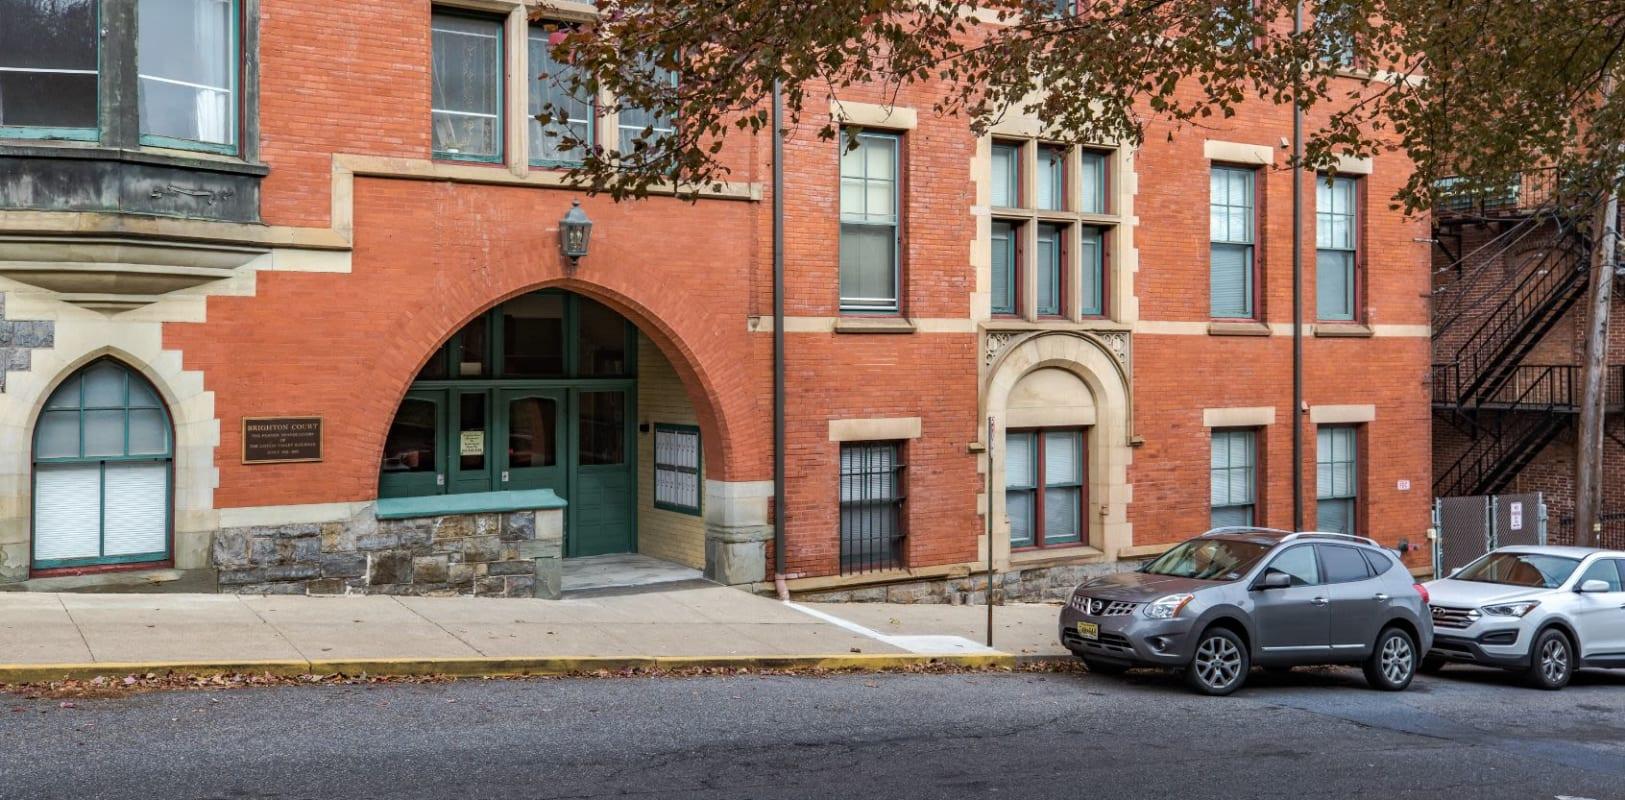 Beautiful brick exterior of Brighton Court in Bethlehem, Pennsylvania